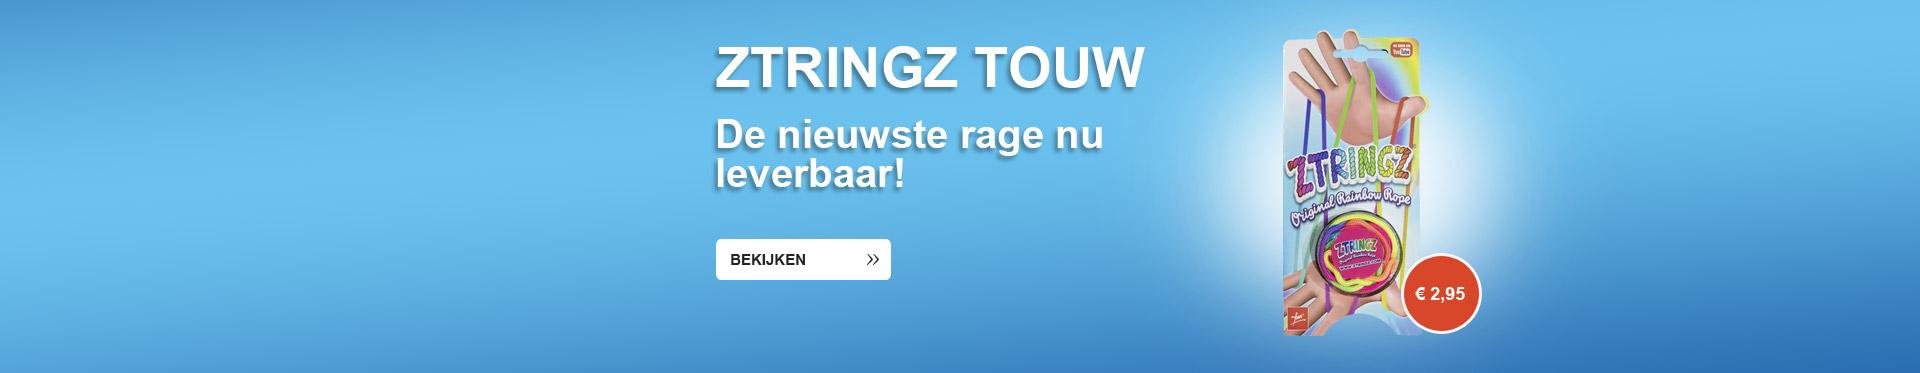 Ztringz - Regenboog Touw